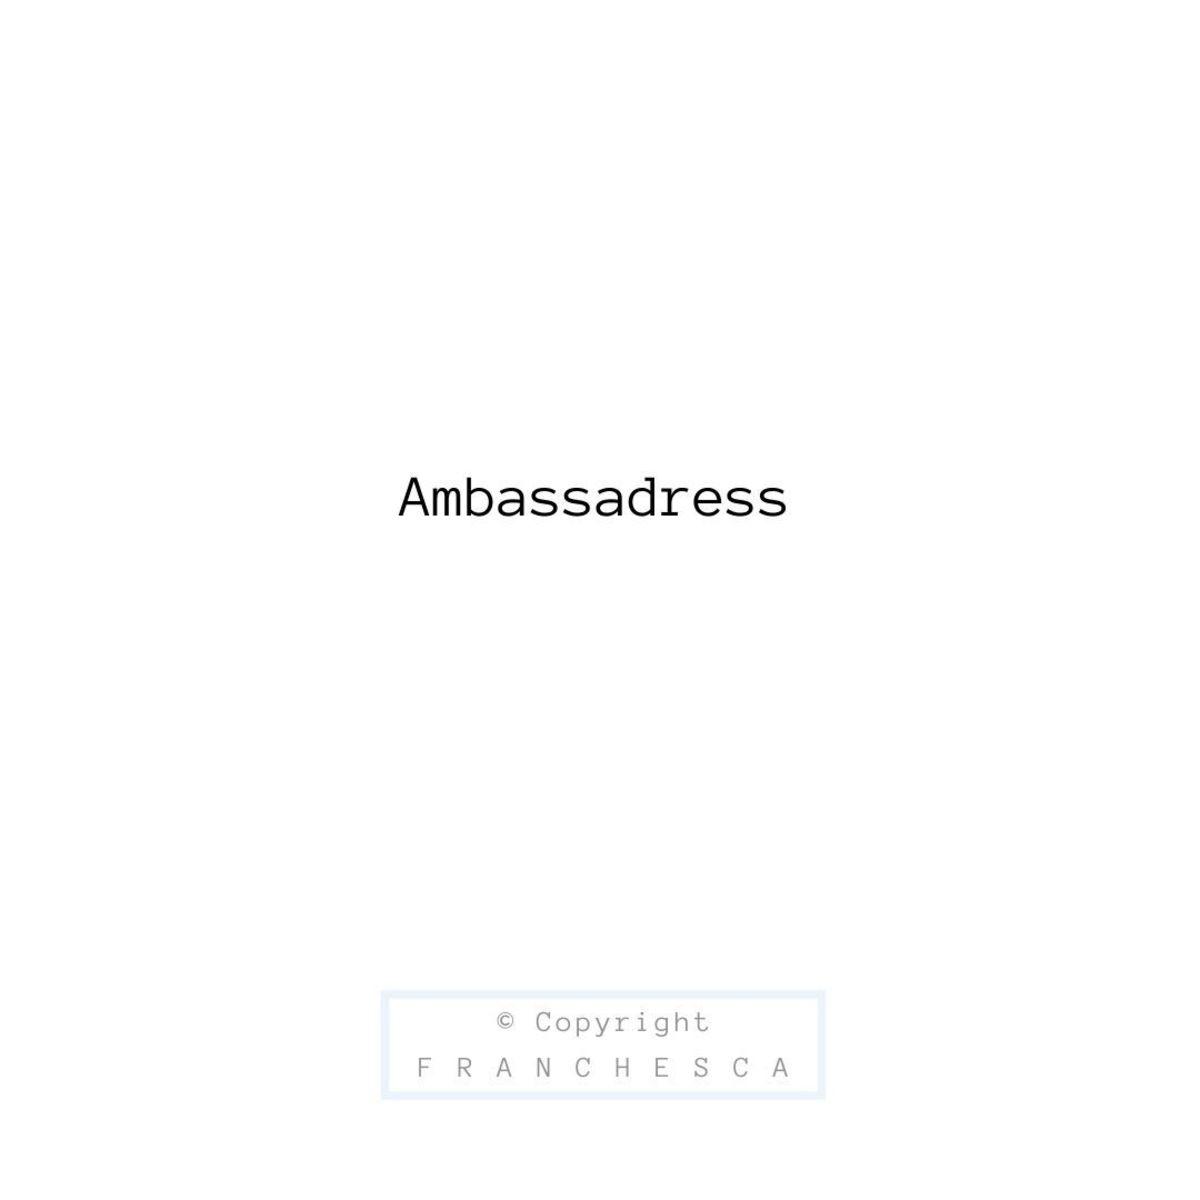 196th Article: Ambassadress